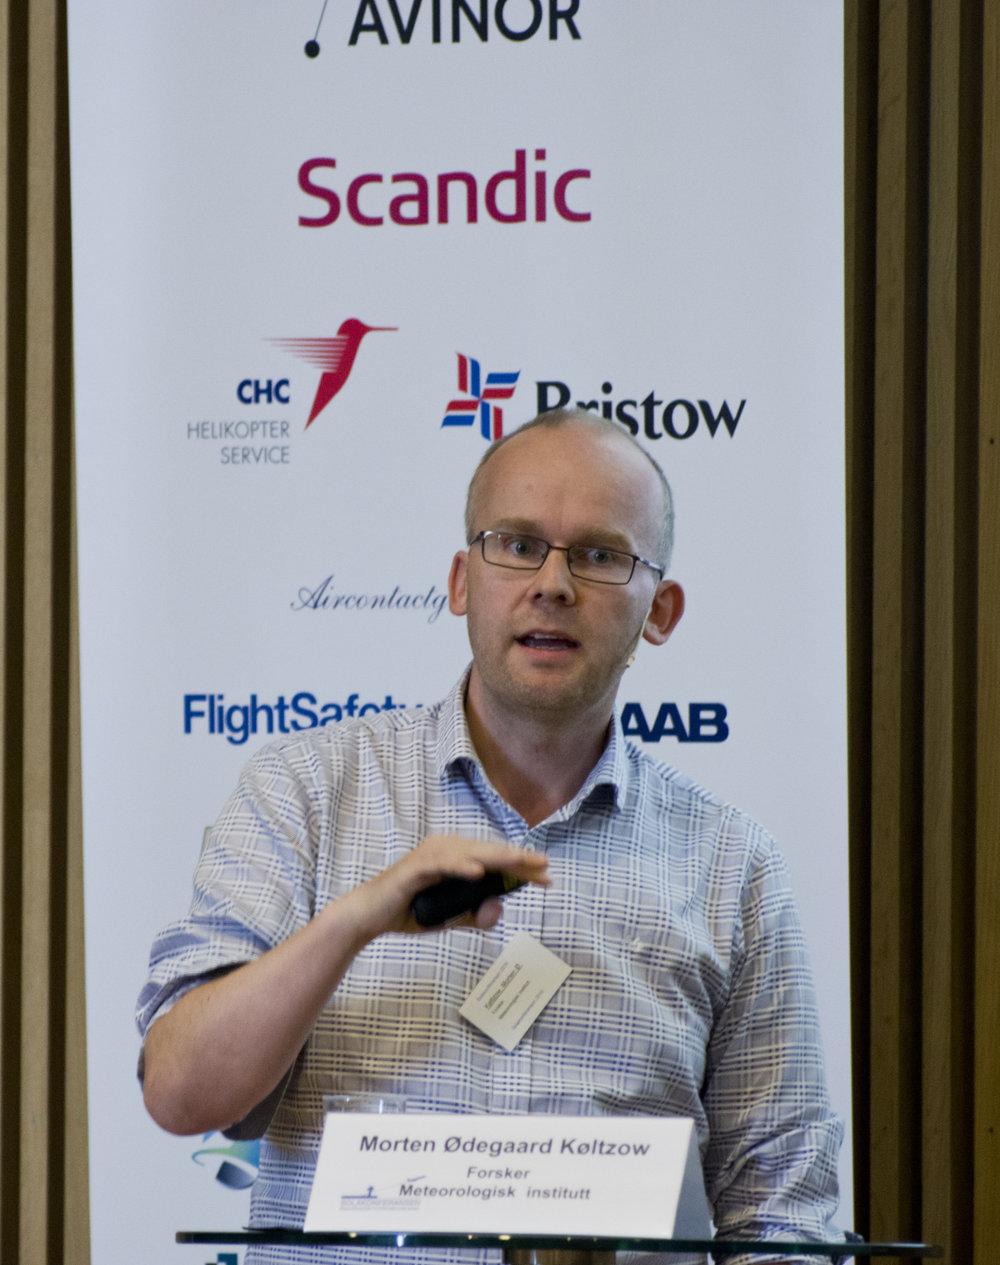 Morten Andreas Ødegaard Kølzow 2.jpg